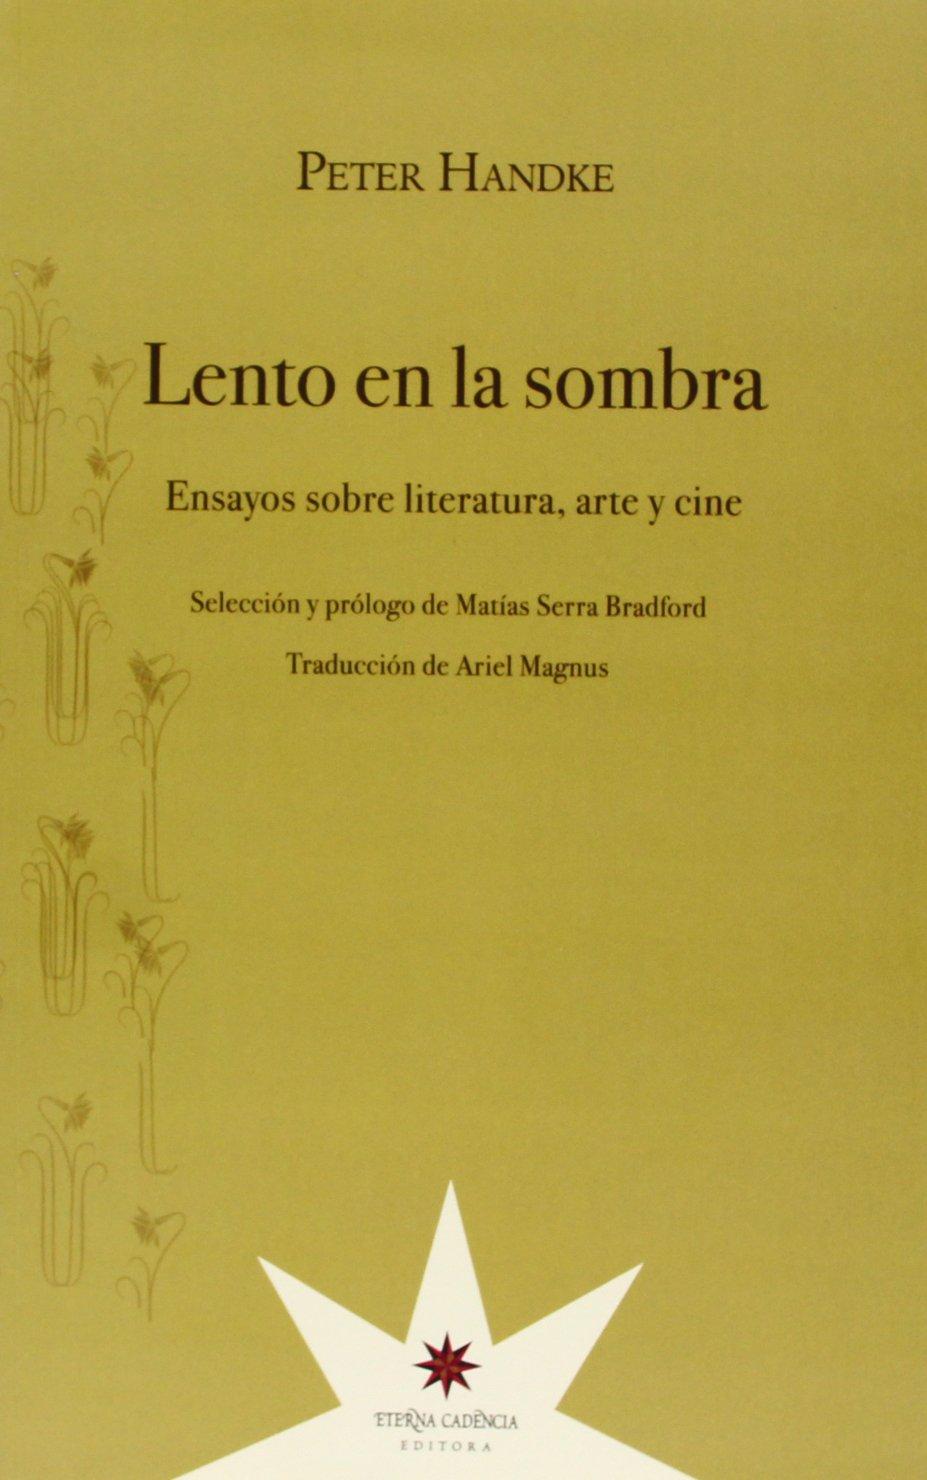 Lento En La Sombra. Ensayos Sobre Literatura, Arte Y Cine: Amazon.es: Peter Handke, Peter Handke, Ariel Magnus, Peter Handke: Libros